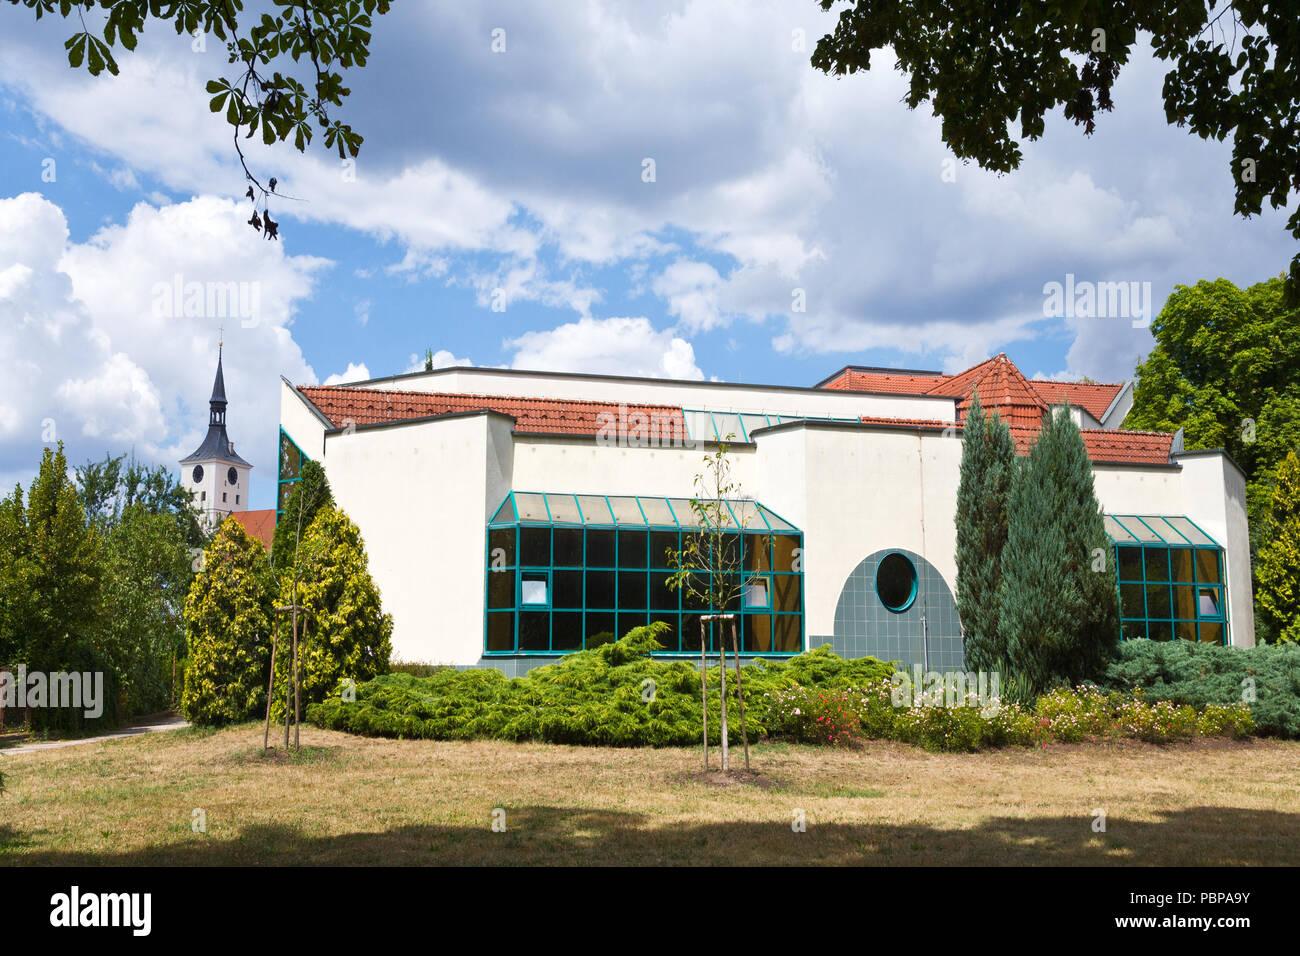 Lazne Bohdanec, Pardubicky kraj, Česká republika /  Lazne Bohdanec,  spa resort, Pardubice region, Czech republic - Stock Image